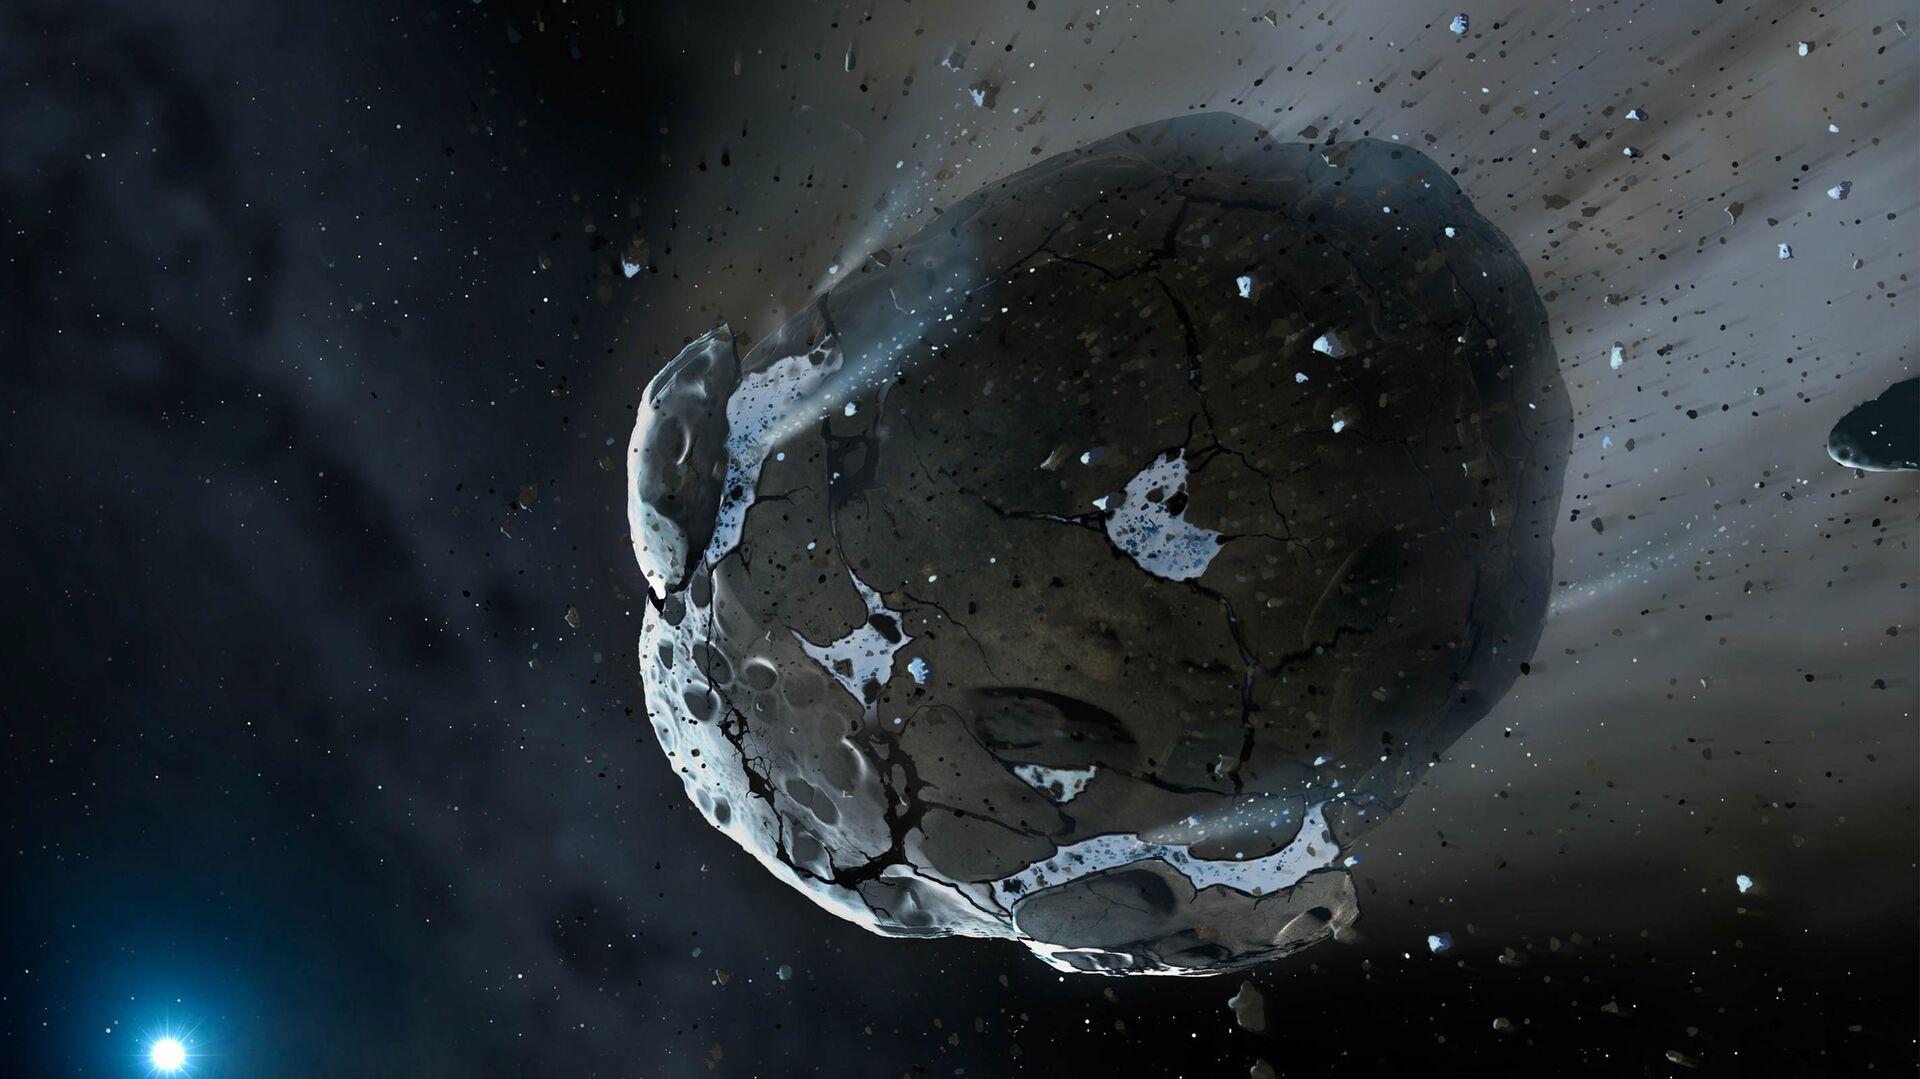 Астероид. Архивное фото - Sputnik Узбекистан, 1920, 17.08.2021